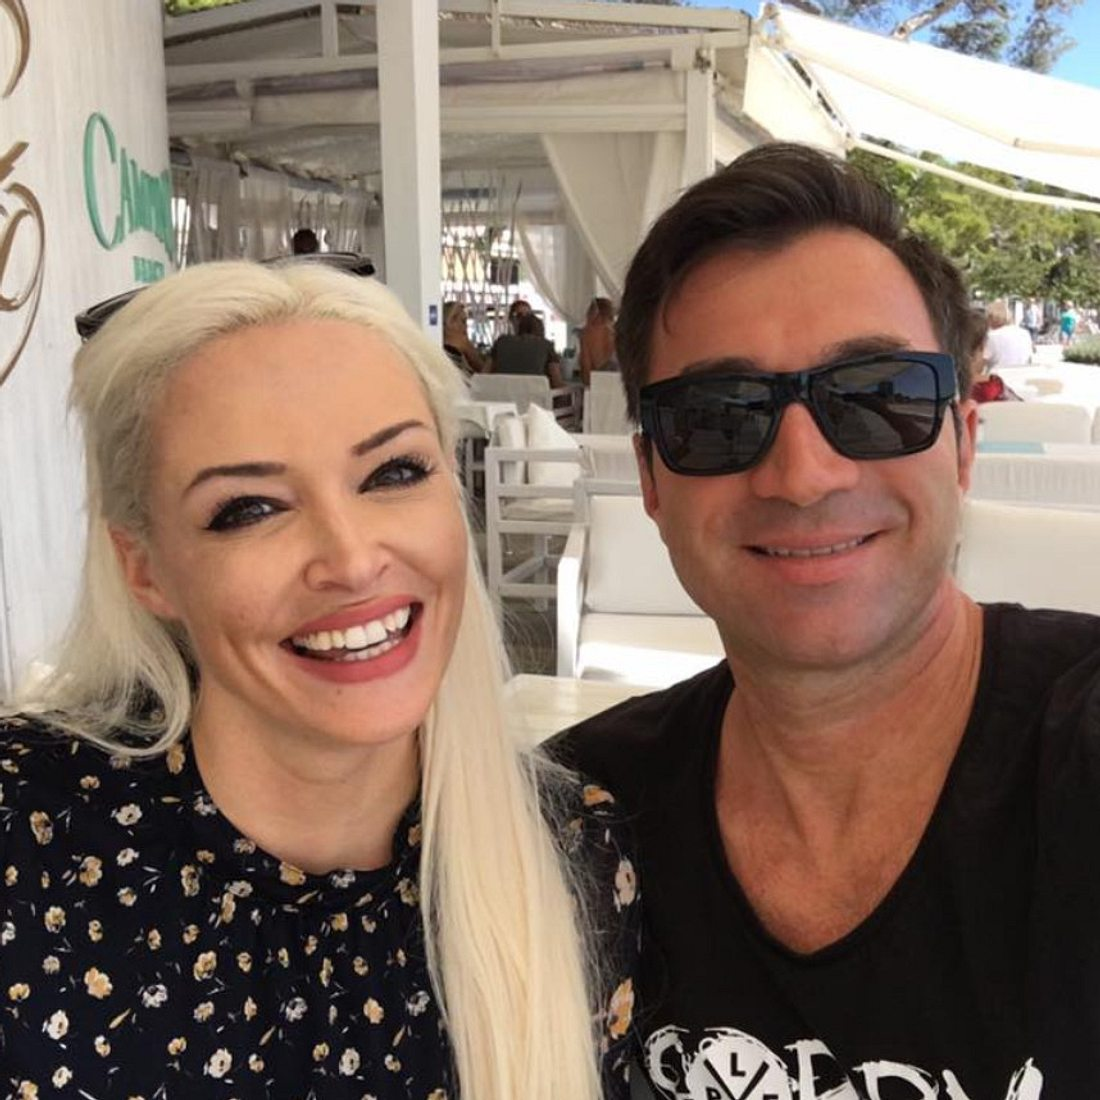 Lucas Cordalis rächt sich an Daniela Katzenberger